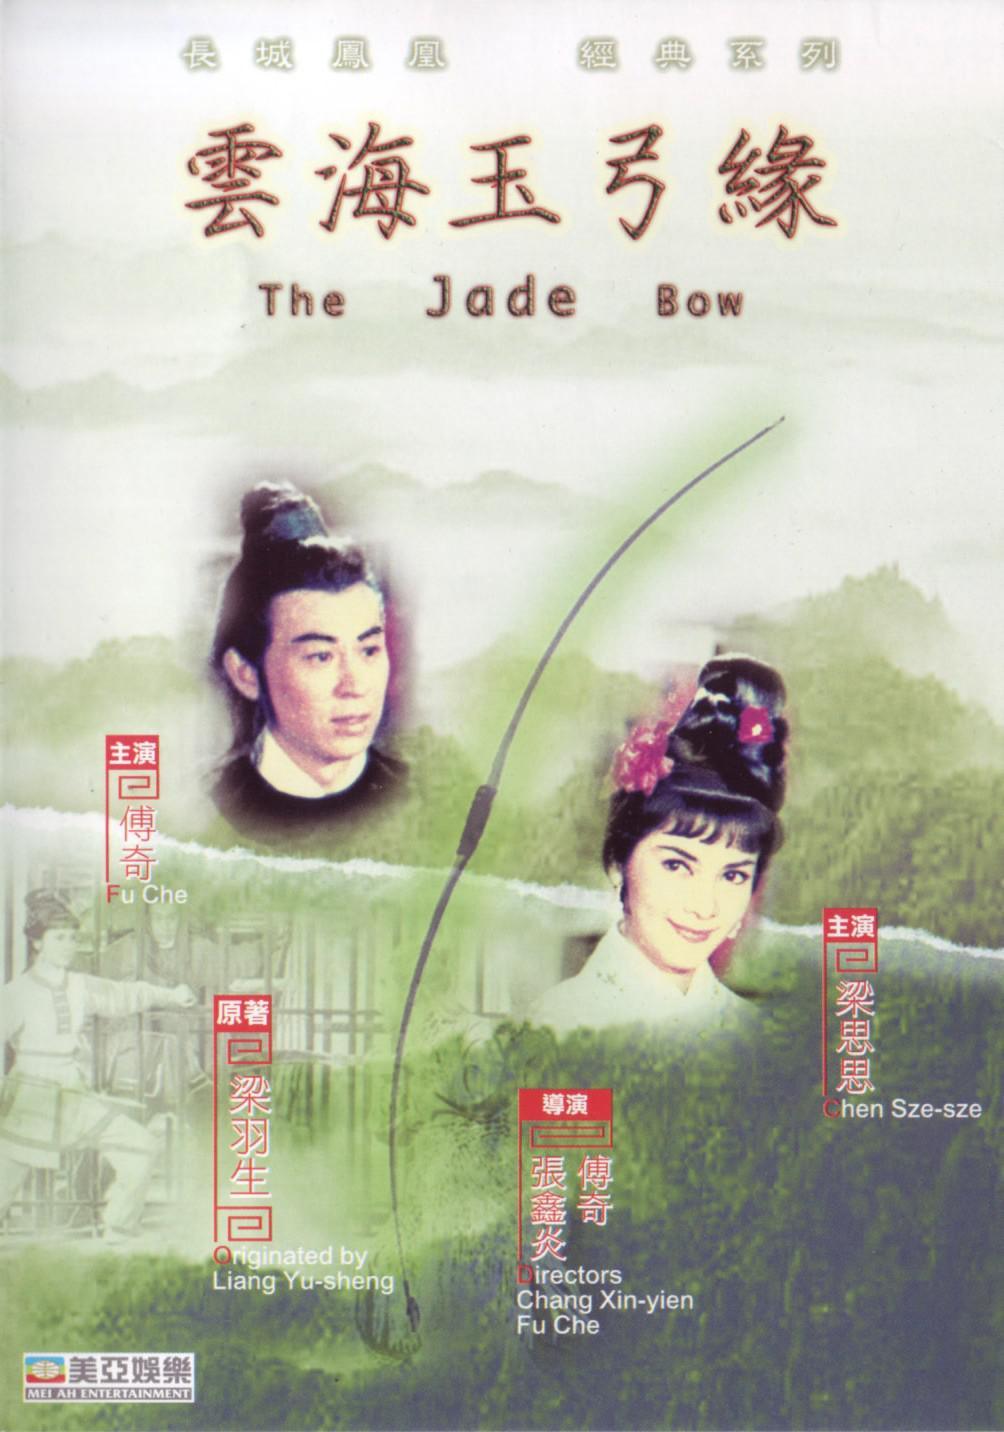 Watch movie yun shui yao online game